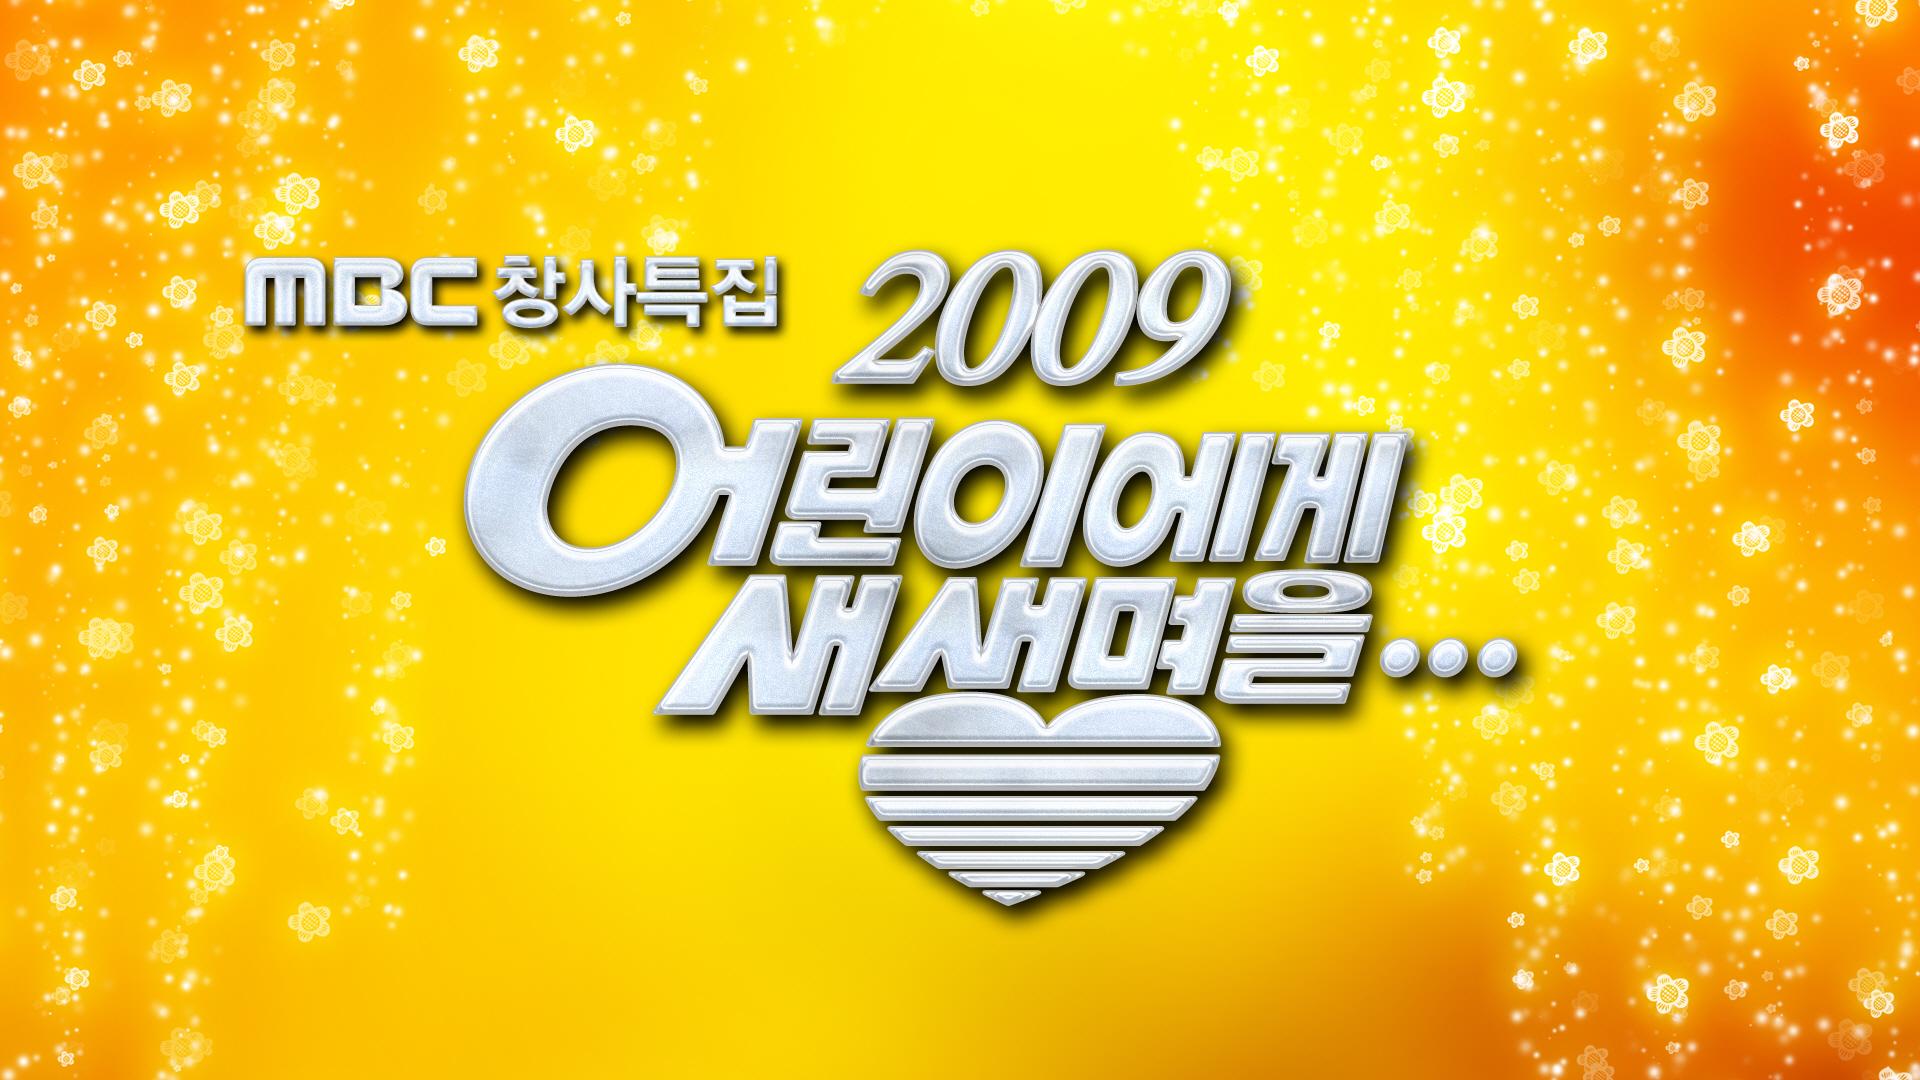 창사특집 2009 어린이에게 새생명을